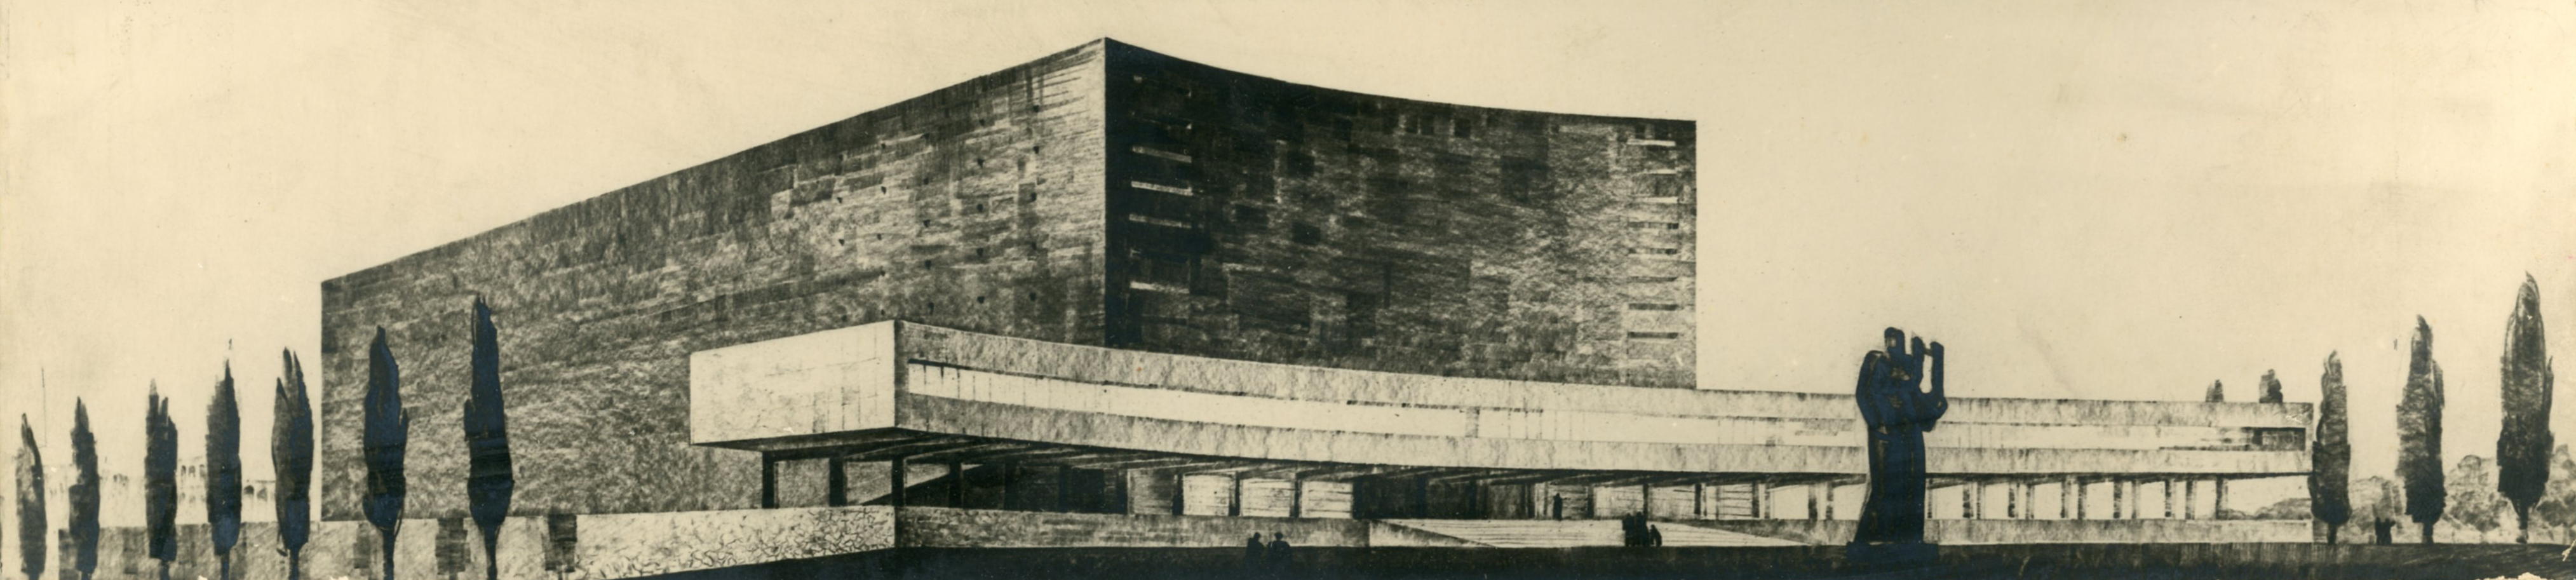 Progetto di concorso per un auditorium presso viale Aventino, Roma